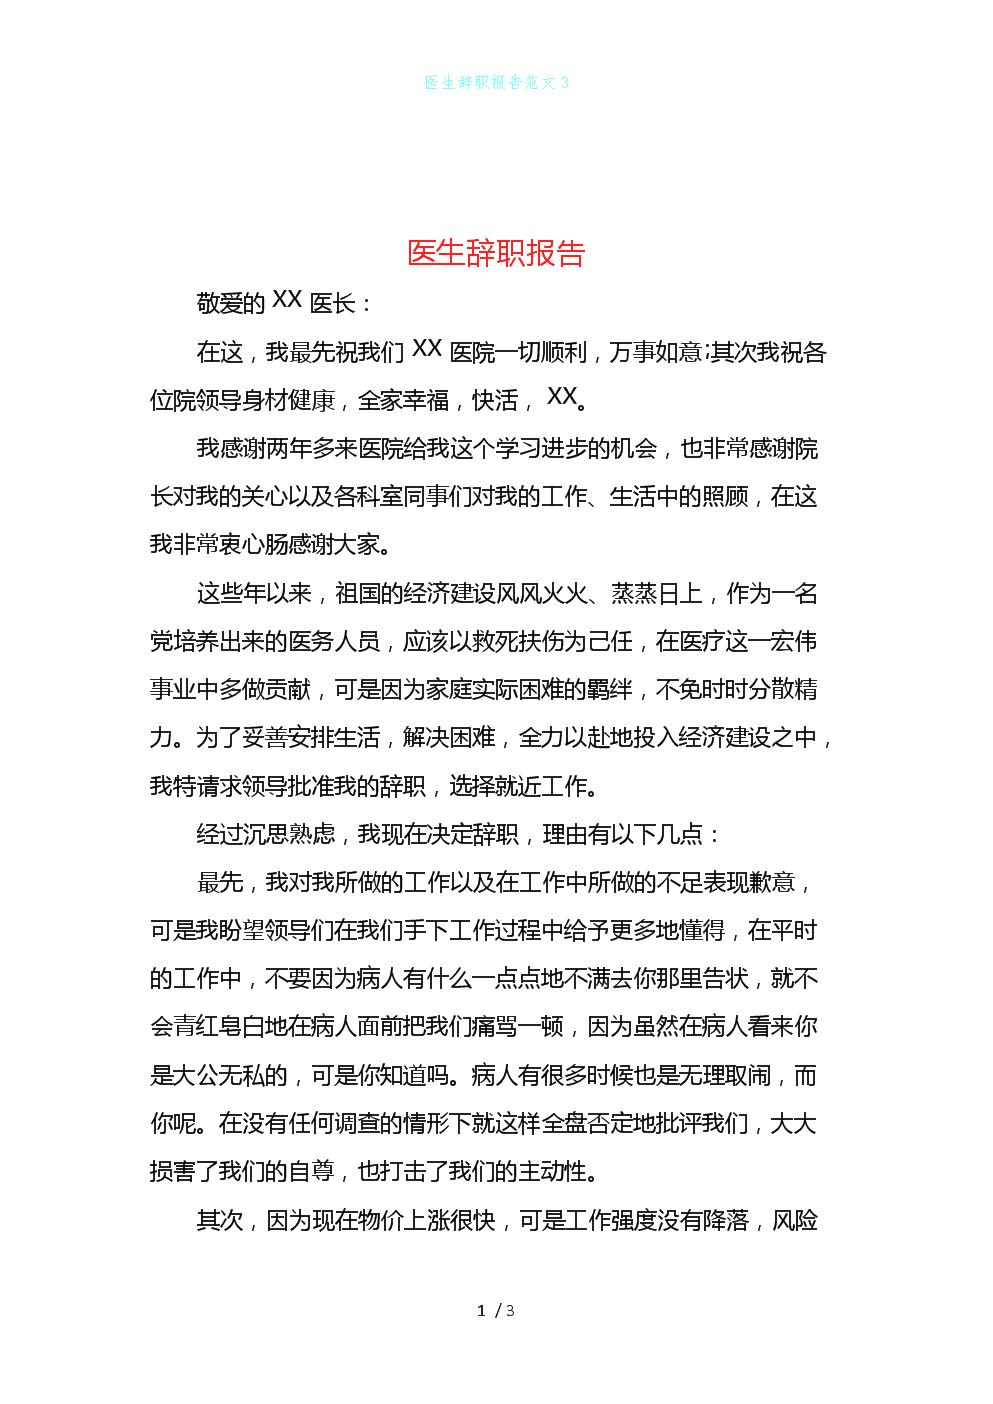 医生辞职报告范文3.docx